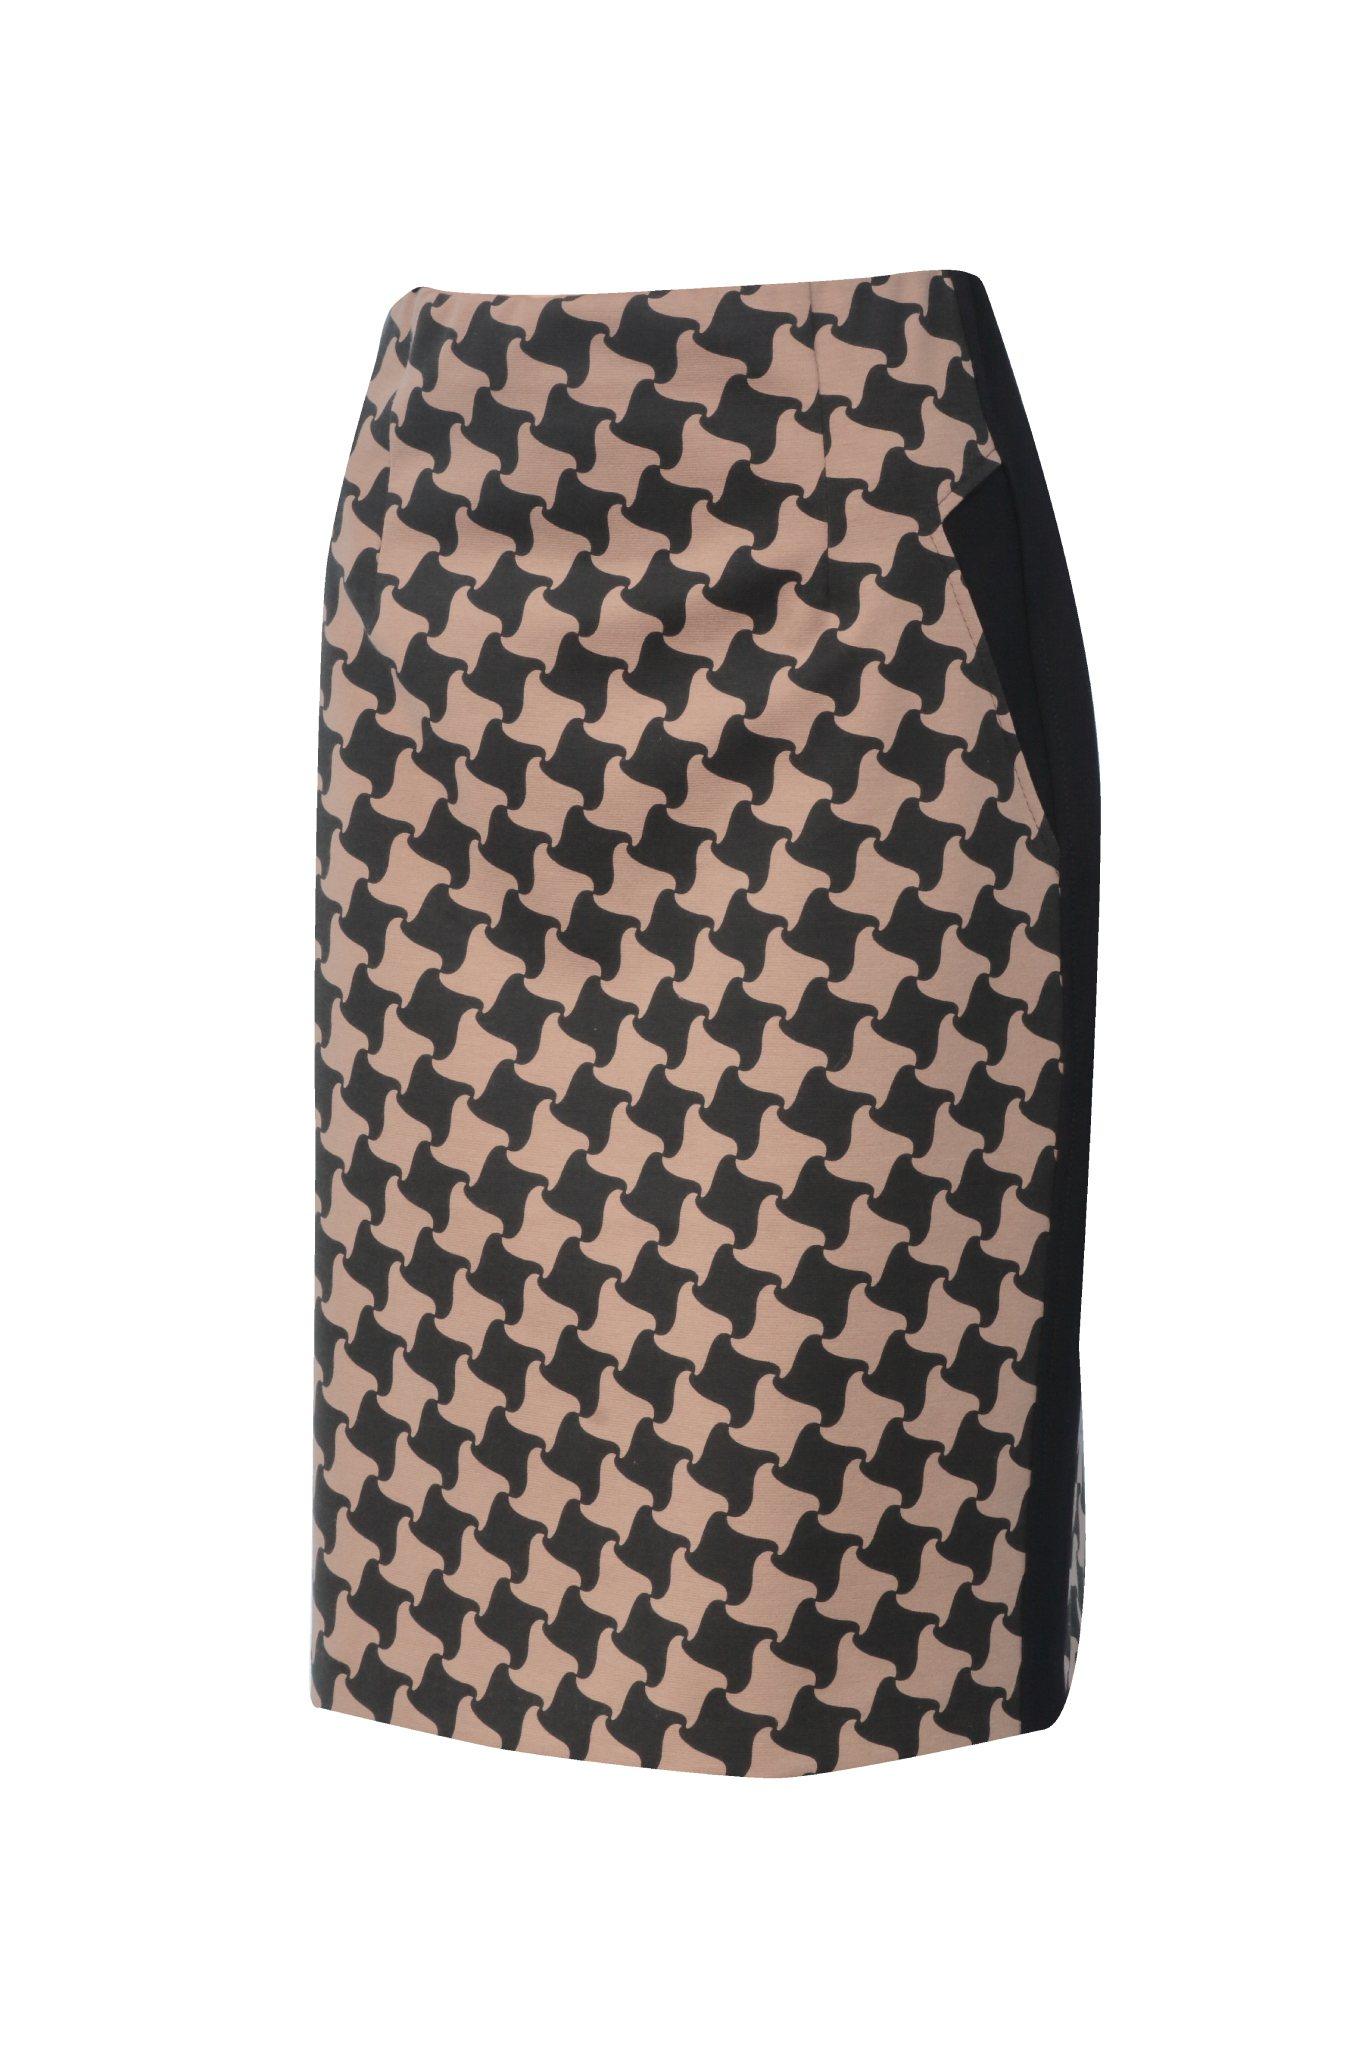 1298 Jumitex spodnica w geometryczne wzorki